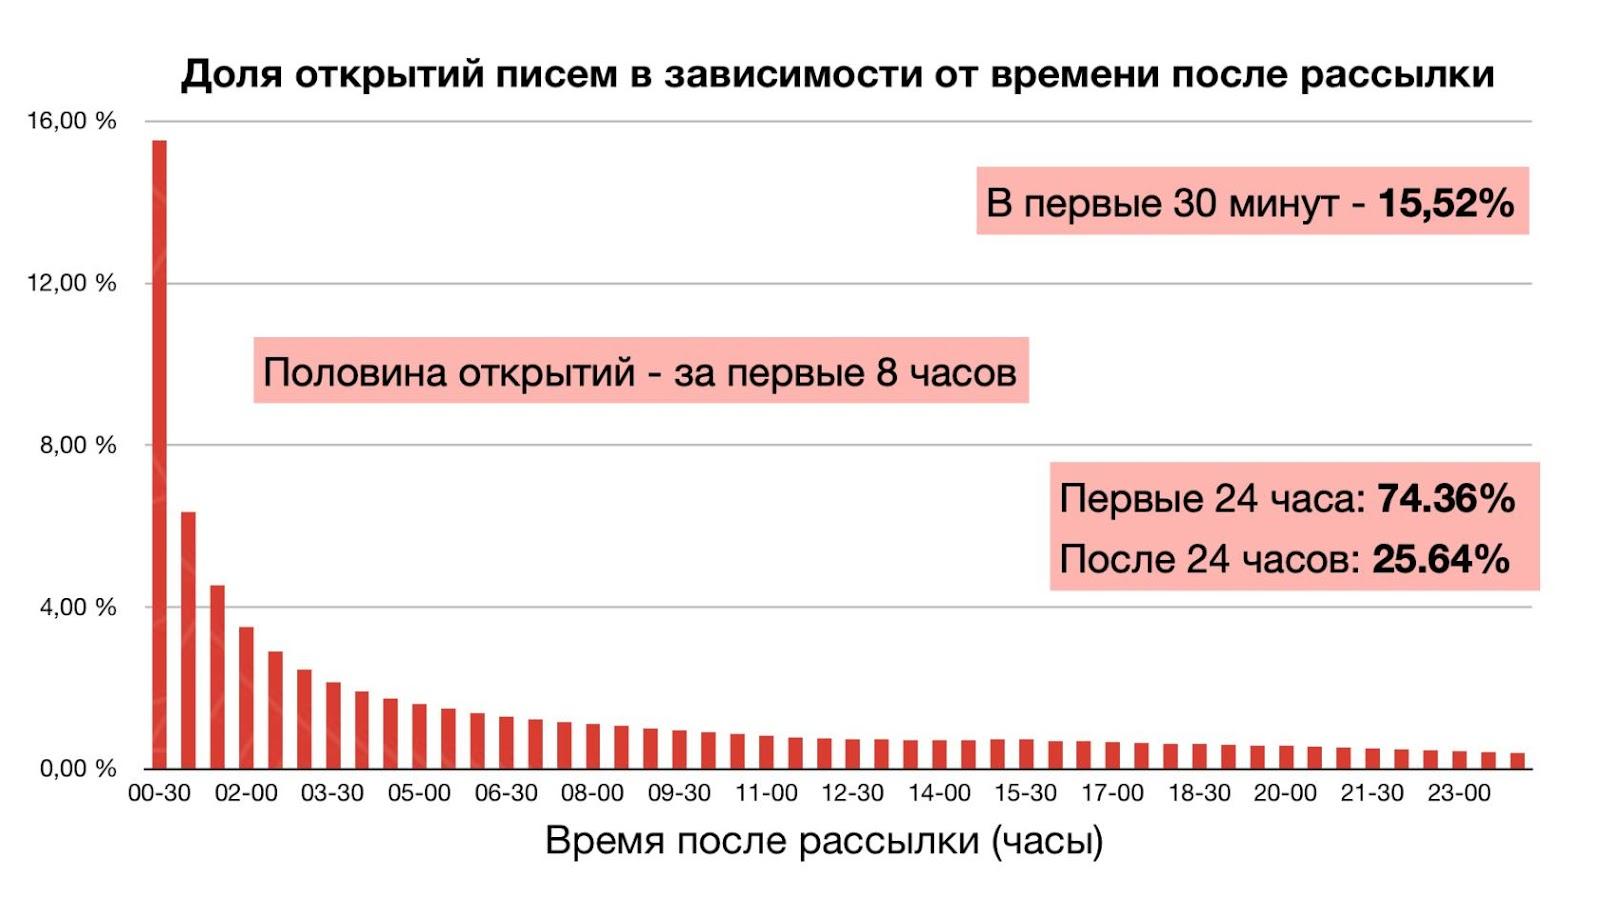 Статистика скорости открытий в 2013 году